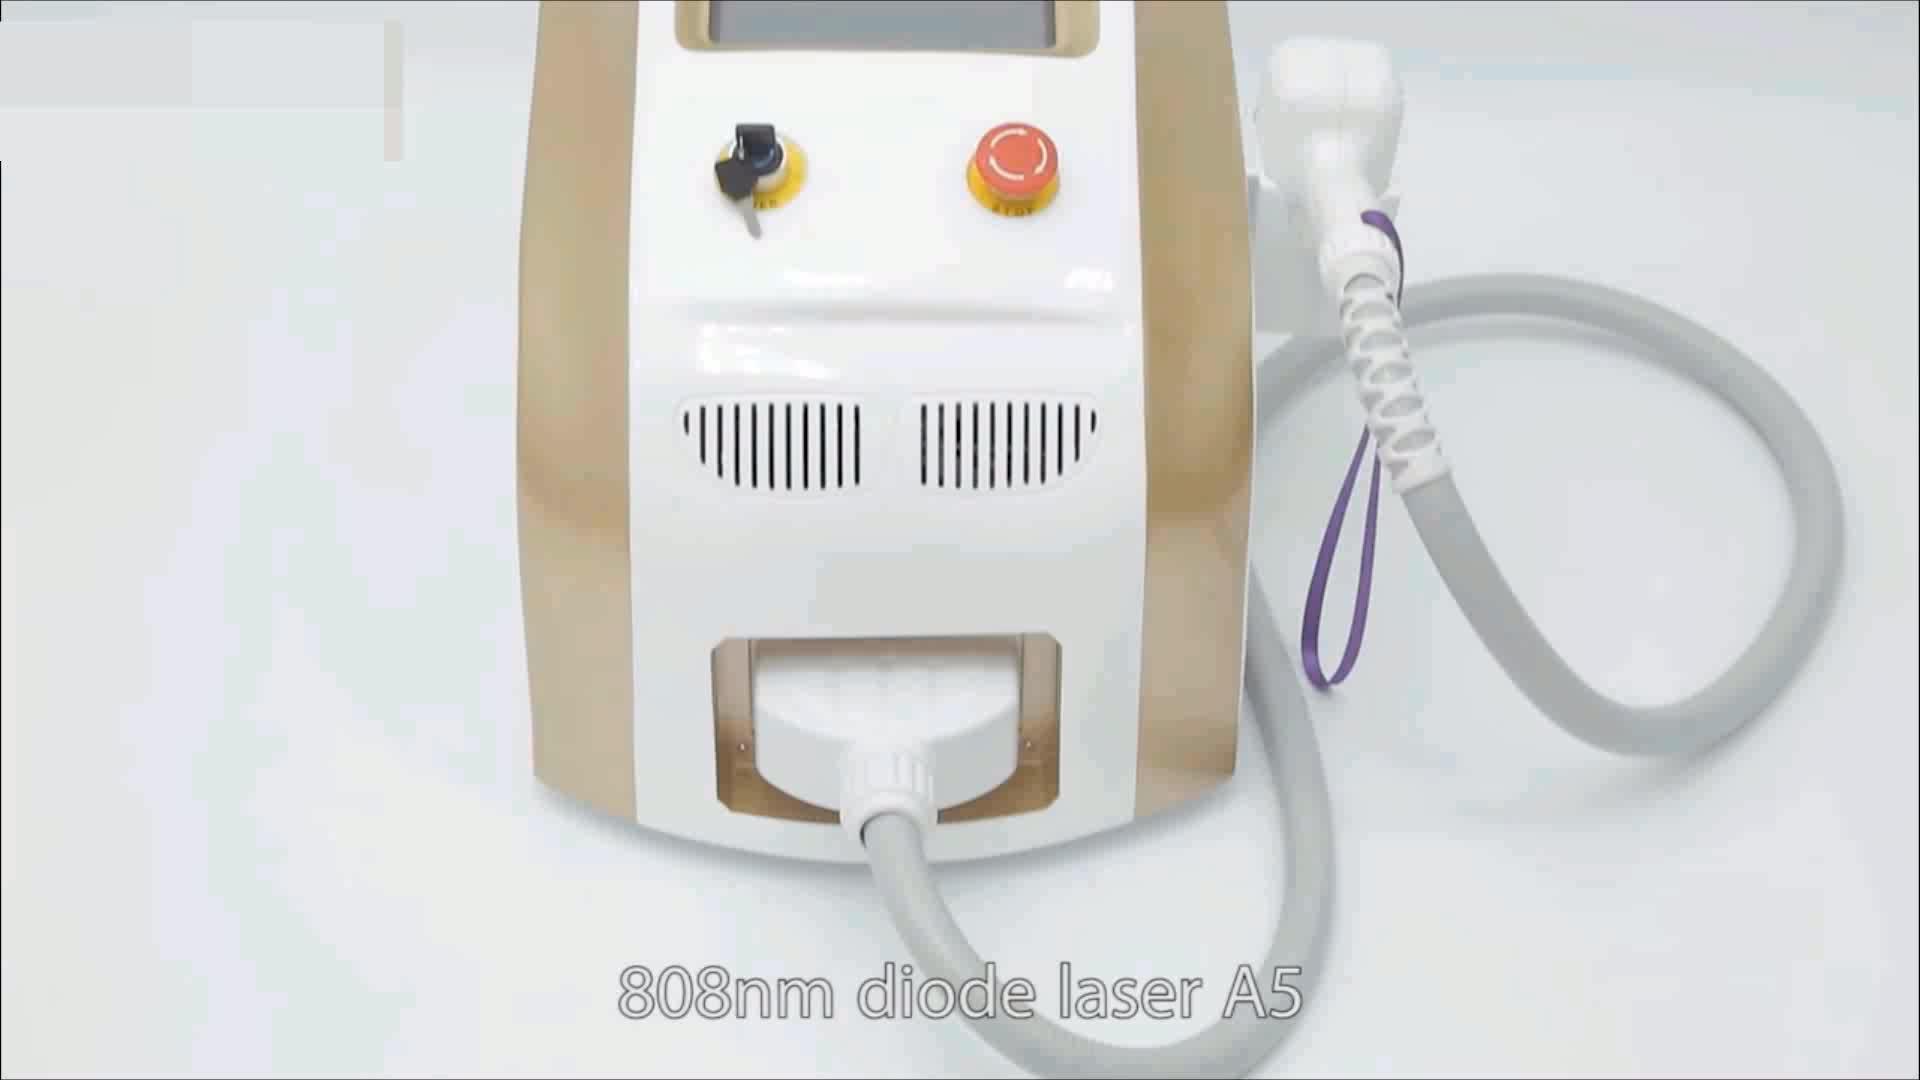 Tecnologia da Coréia! 2019 Mais recente diodo laser depilação máquina / 808nm diodo laser depilação